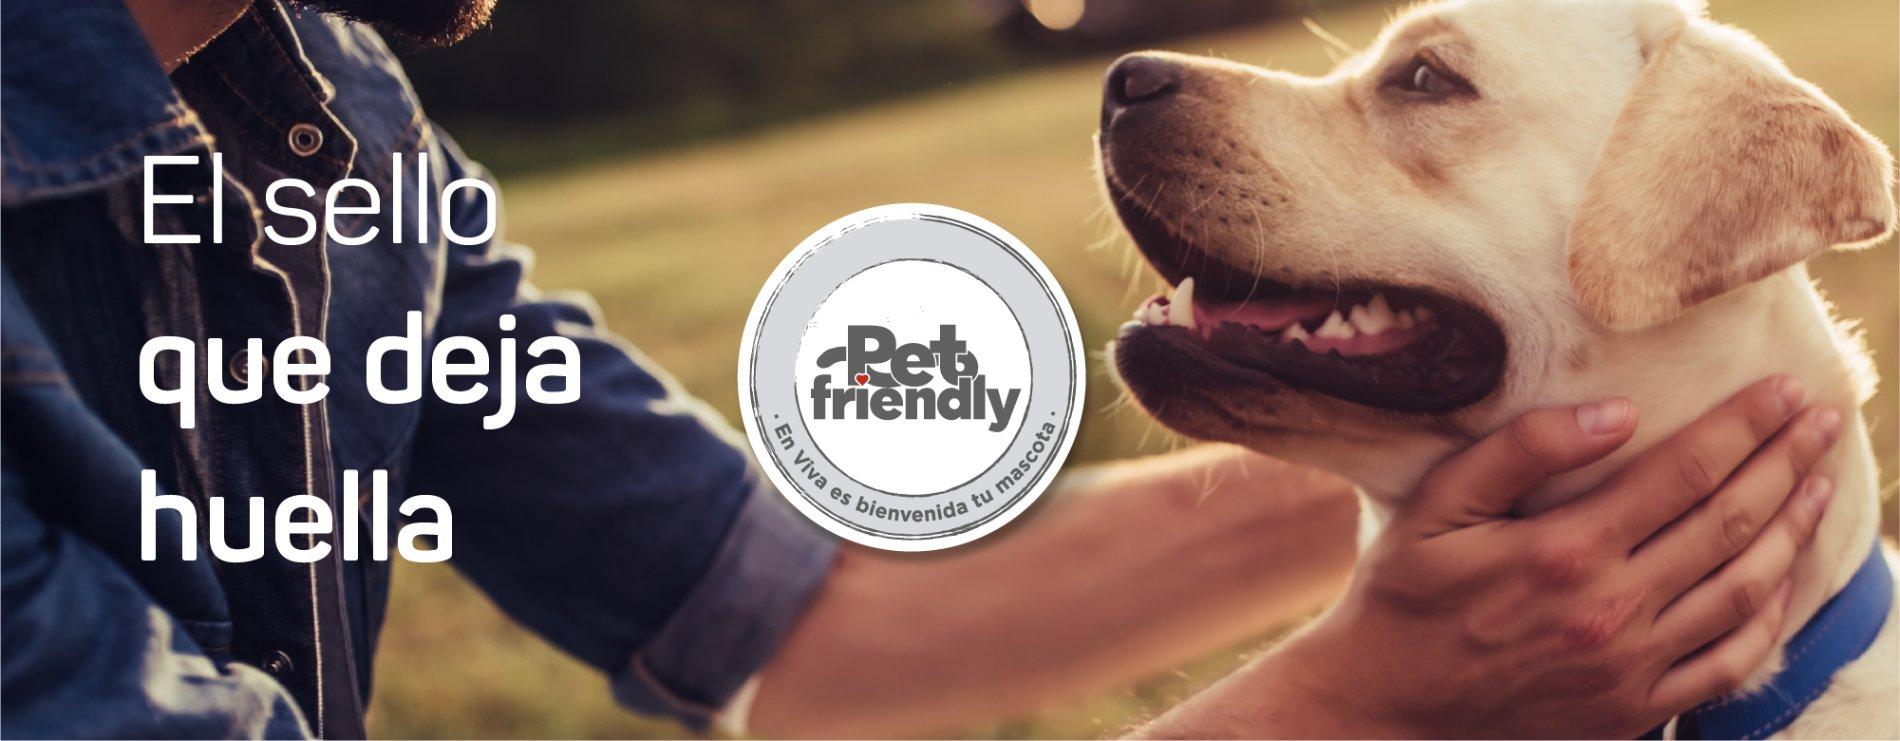 El sabor que deja huella - Viva Pet Friendly